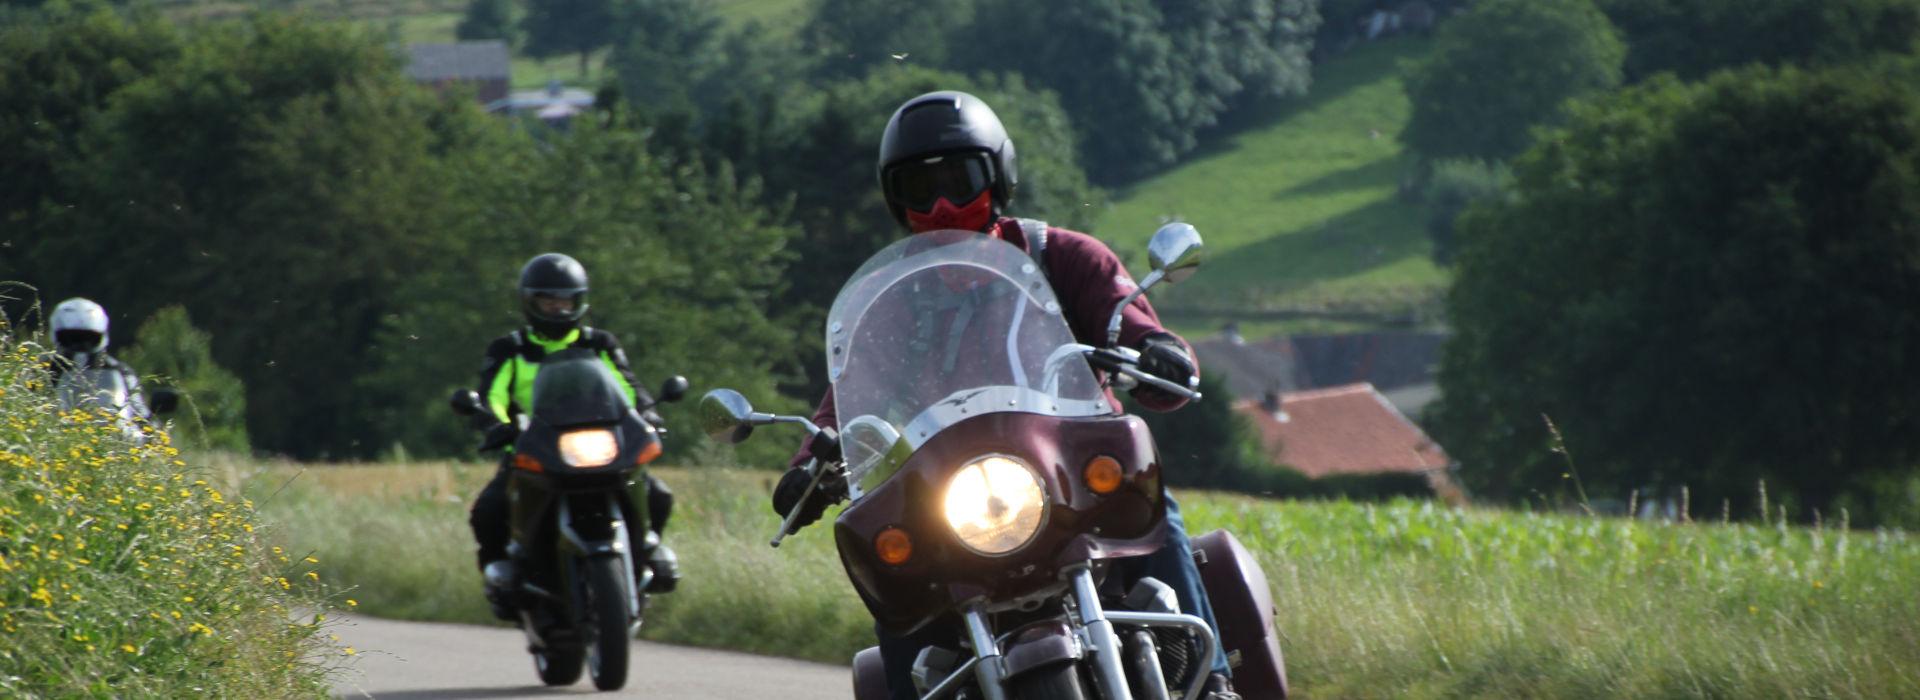 Motorrijbewijspoint Woudrichem spoed motorrijbewijs